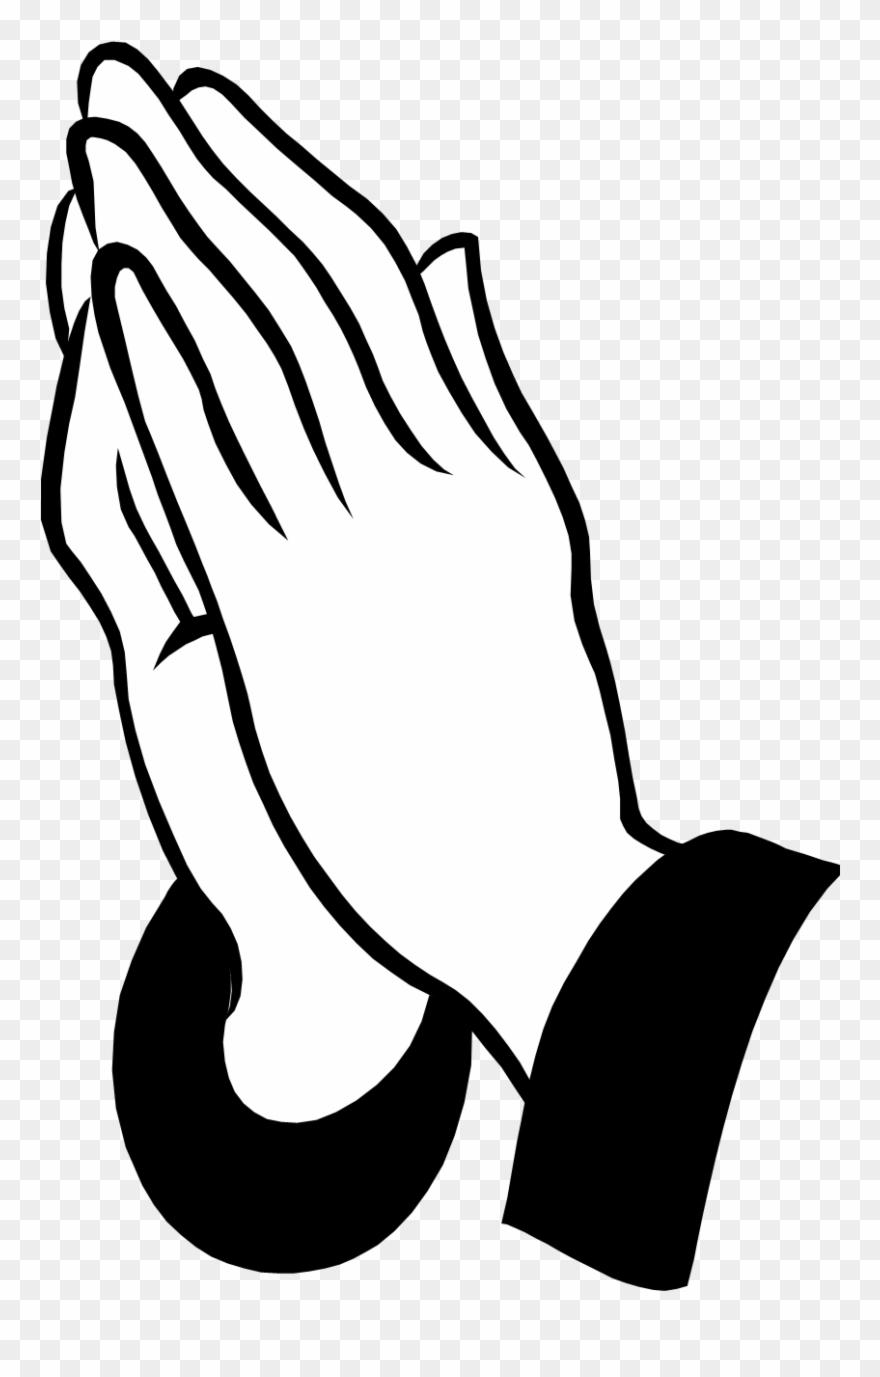 Pray Clipart Prayer Request - Praying Hands Pillow Case